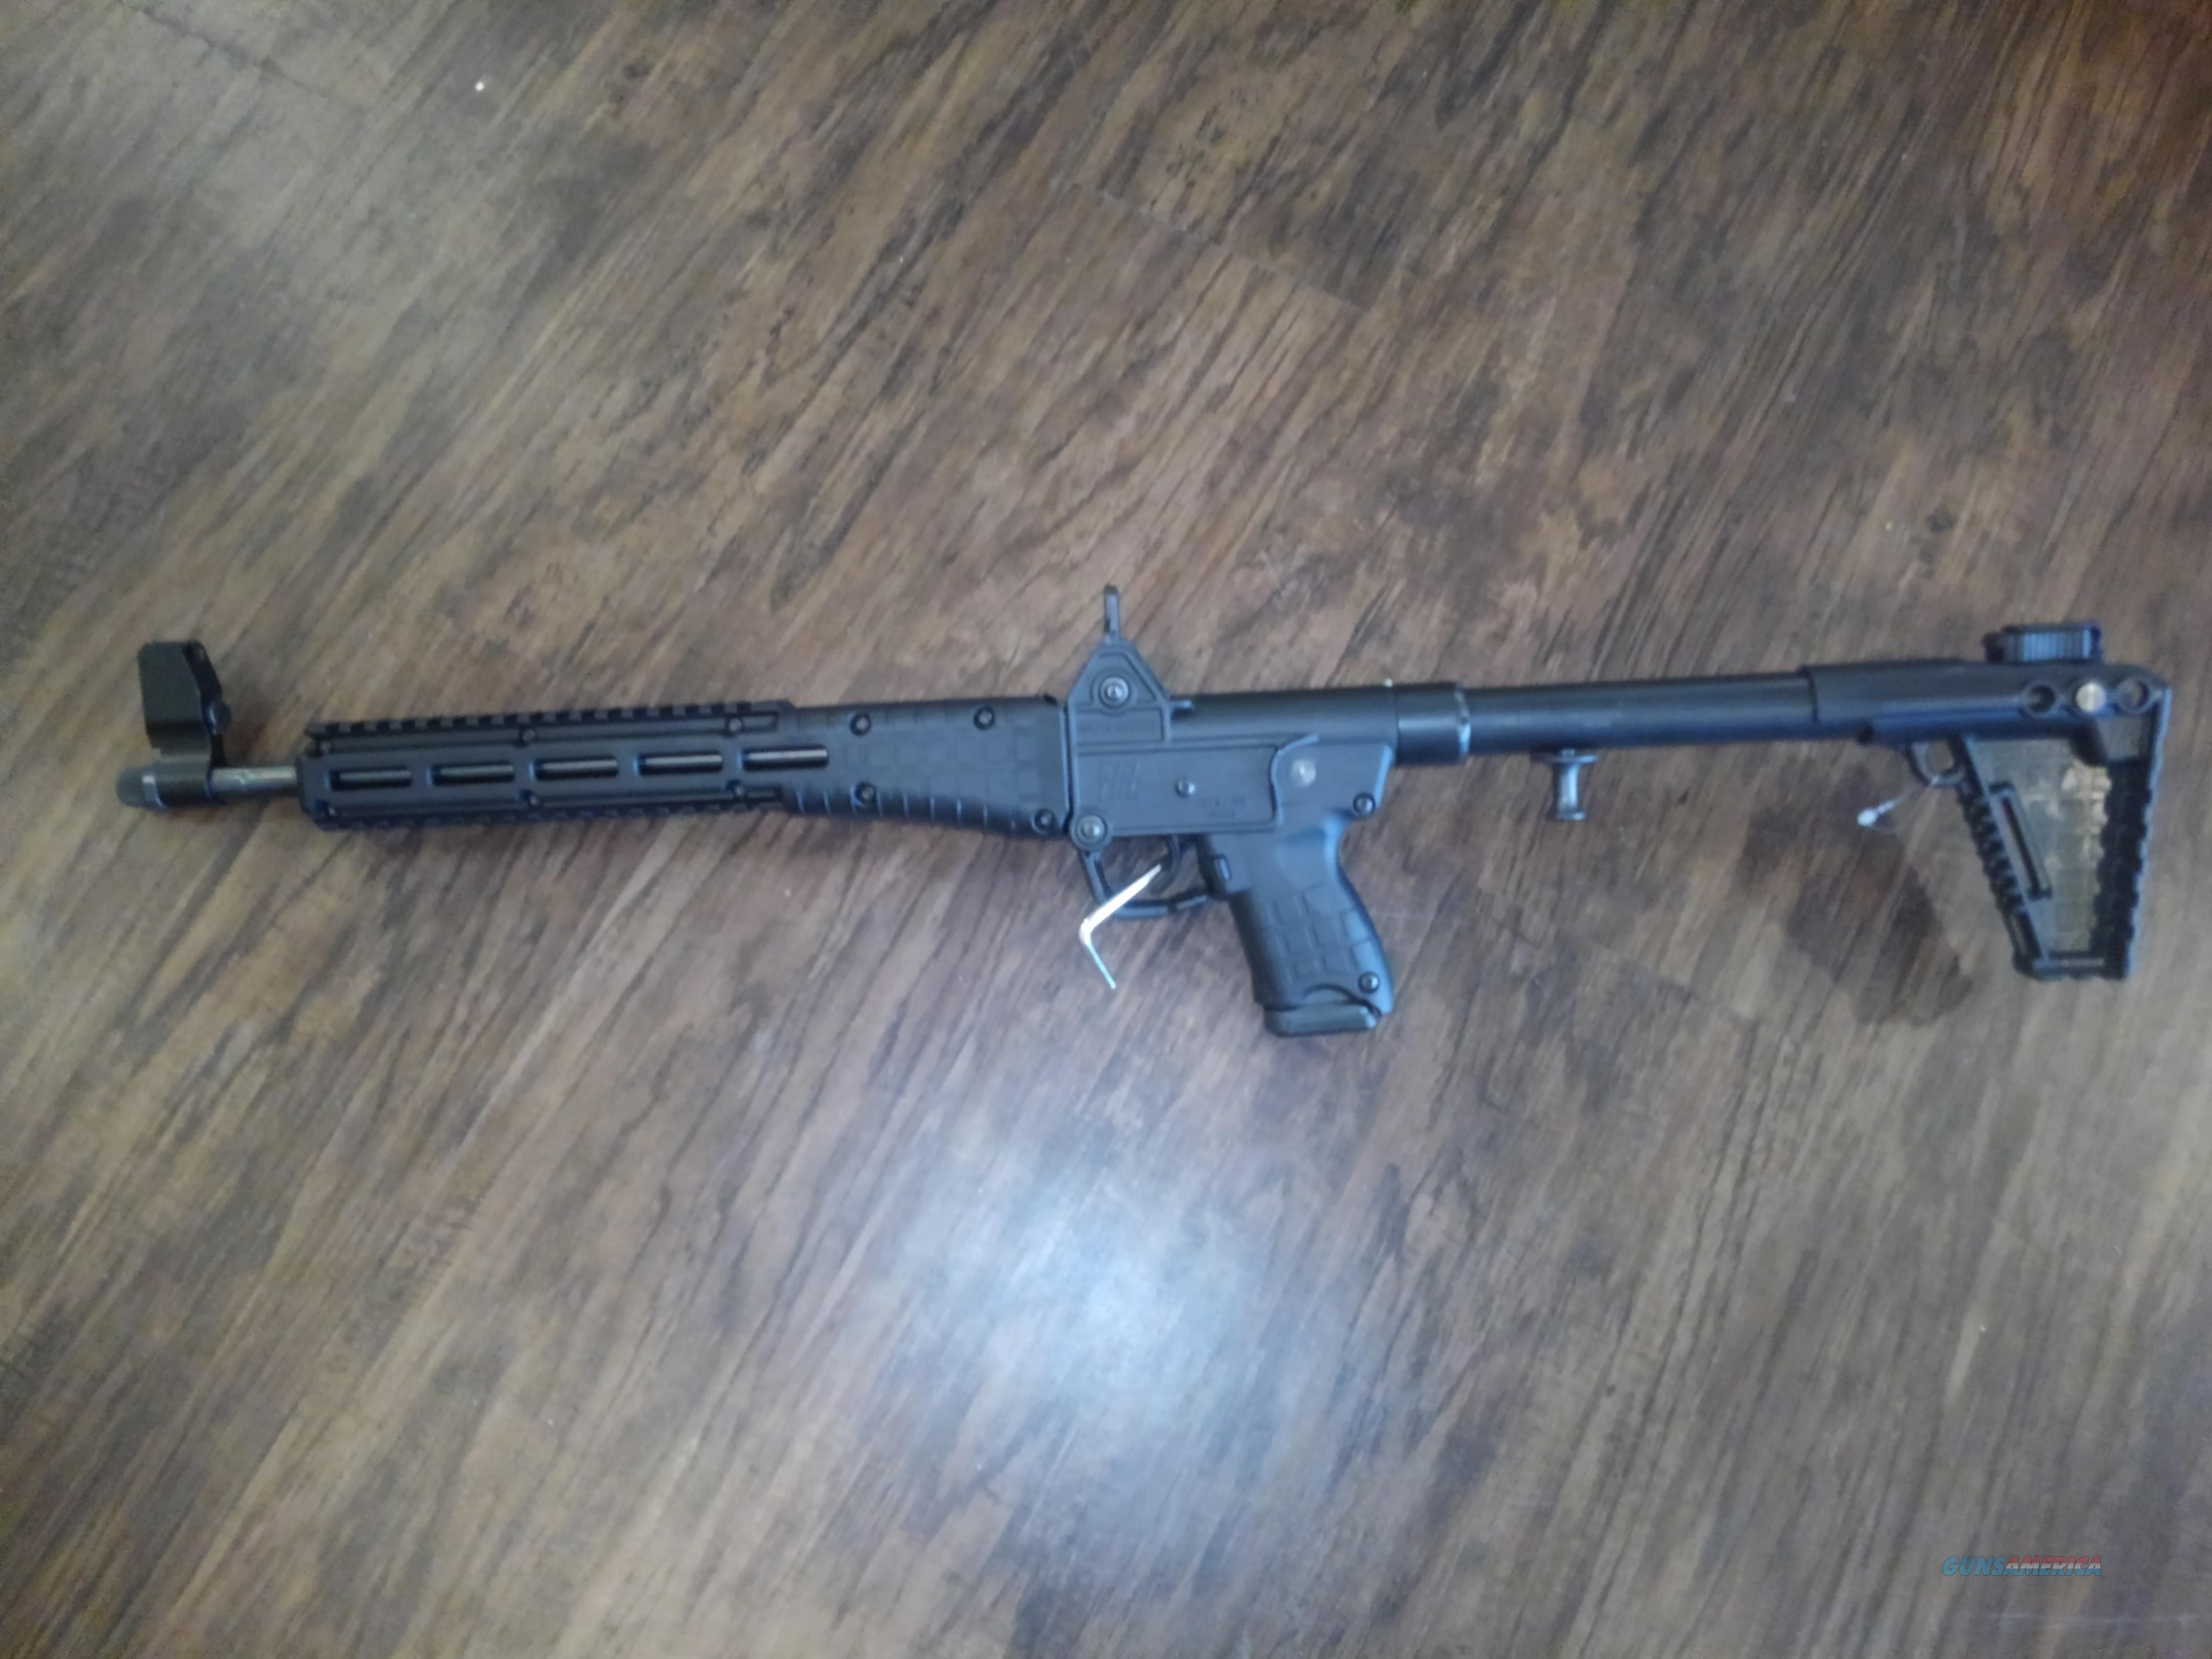 KEL-TEC SUB 2000 9MM 1-15RD GLOCK 19  MAG NIB, FREE SHIPPING NO CC FEE  Guns > Rifles > Kel-Tec Rifles